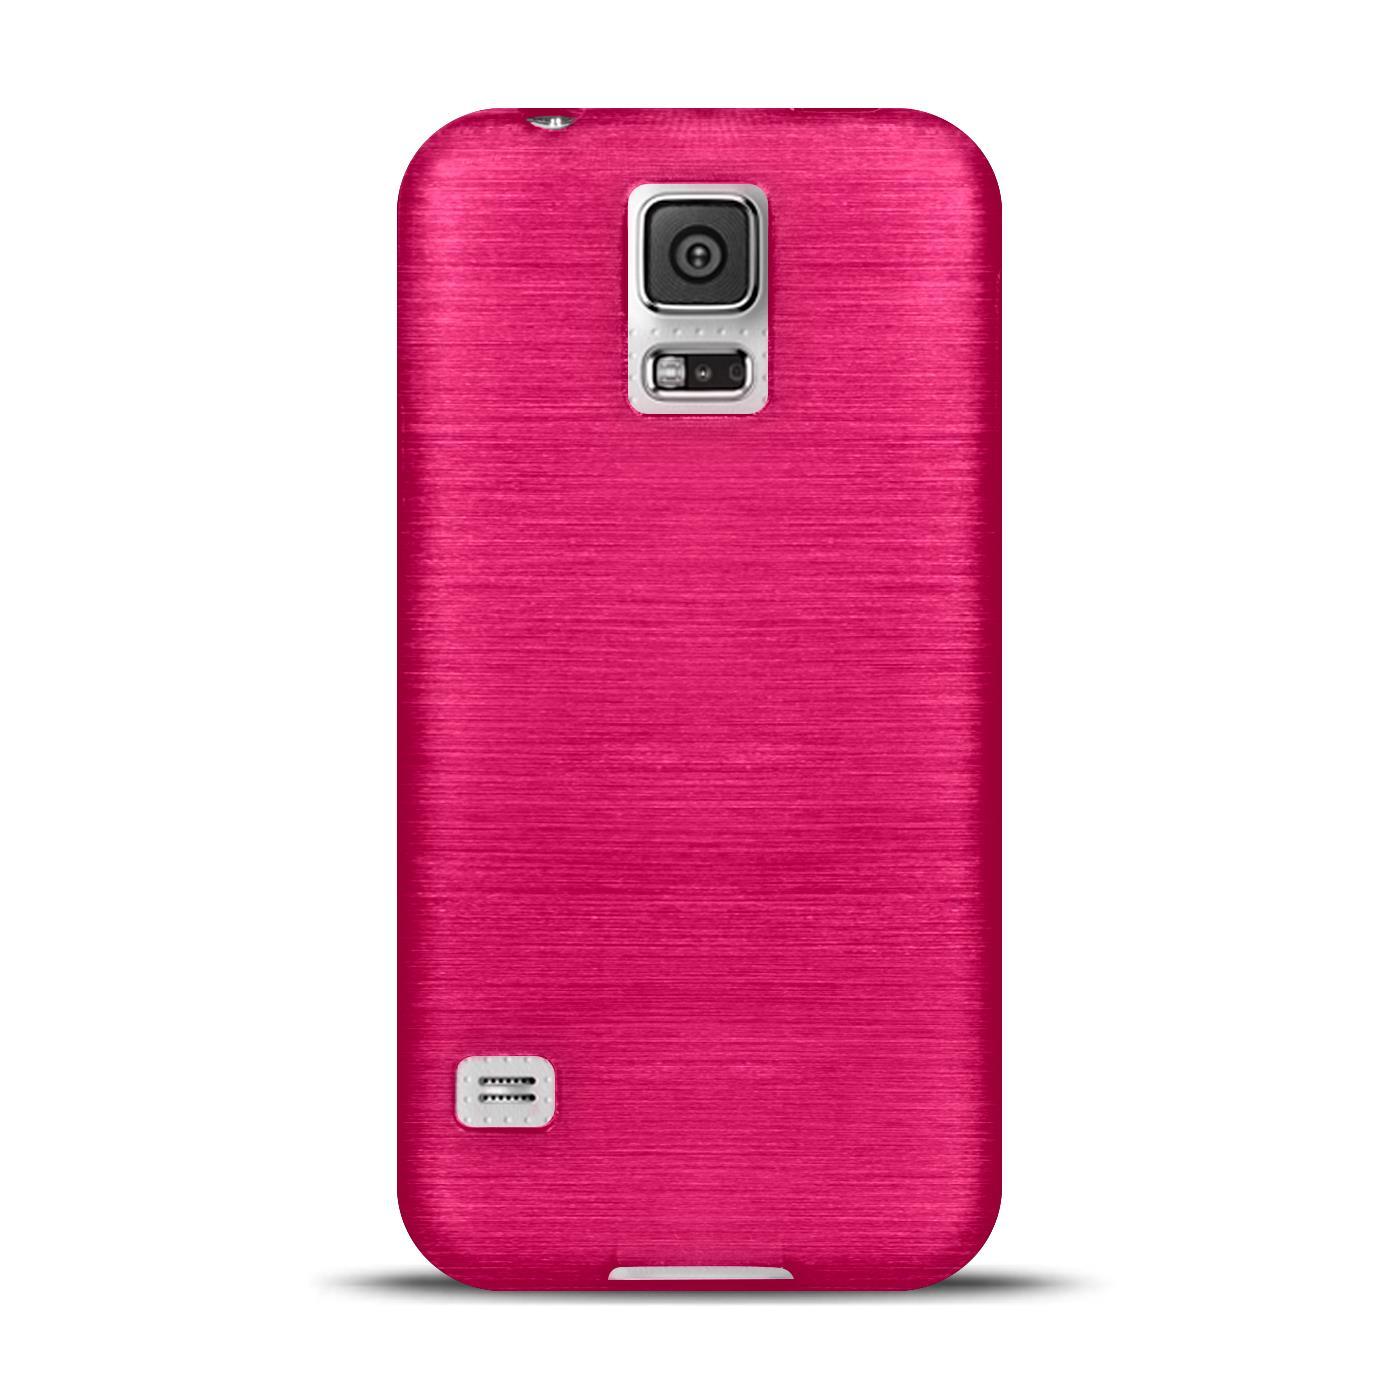 Silikon-Bumper-Case-Samsung-Galaxy-s5-Neo-duenne-ultra-slim-Stossfeste-Rueckschale Indexbild 30